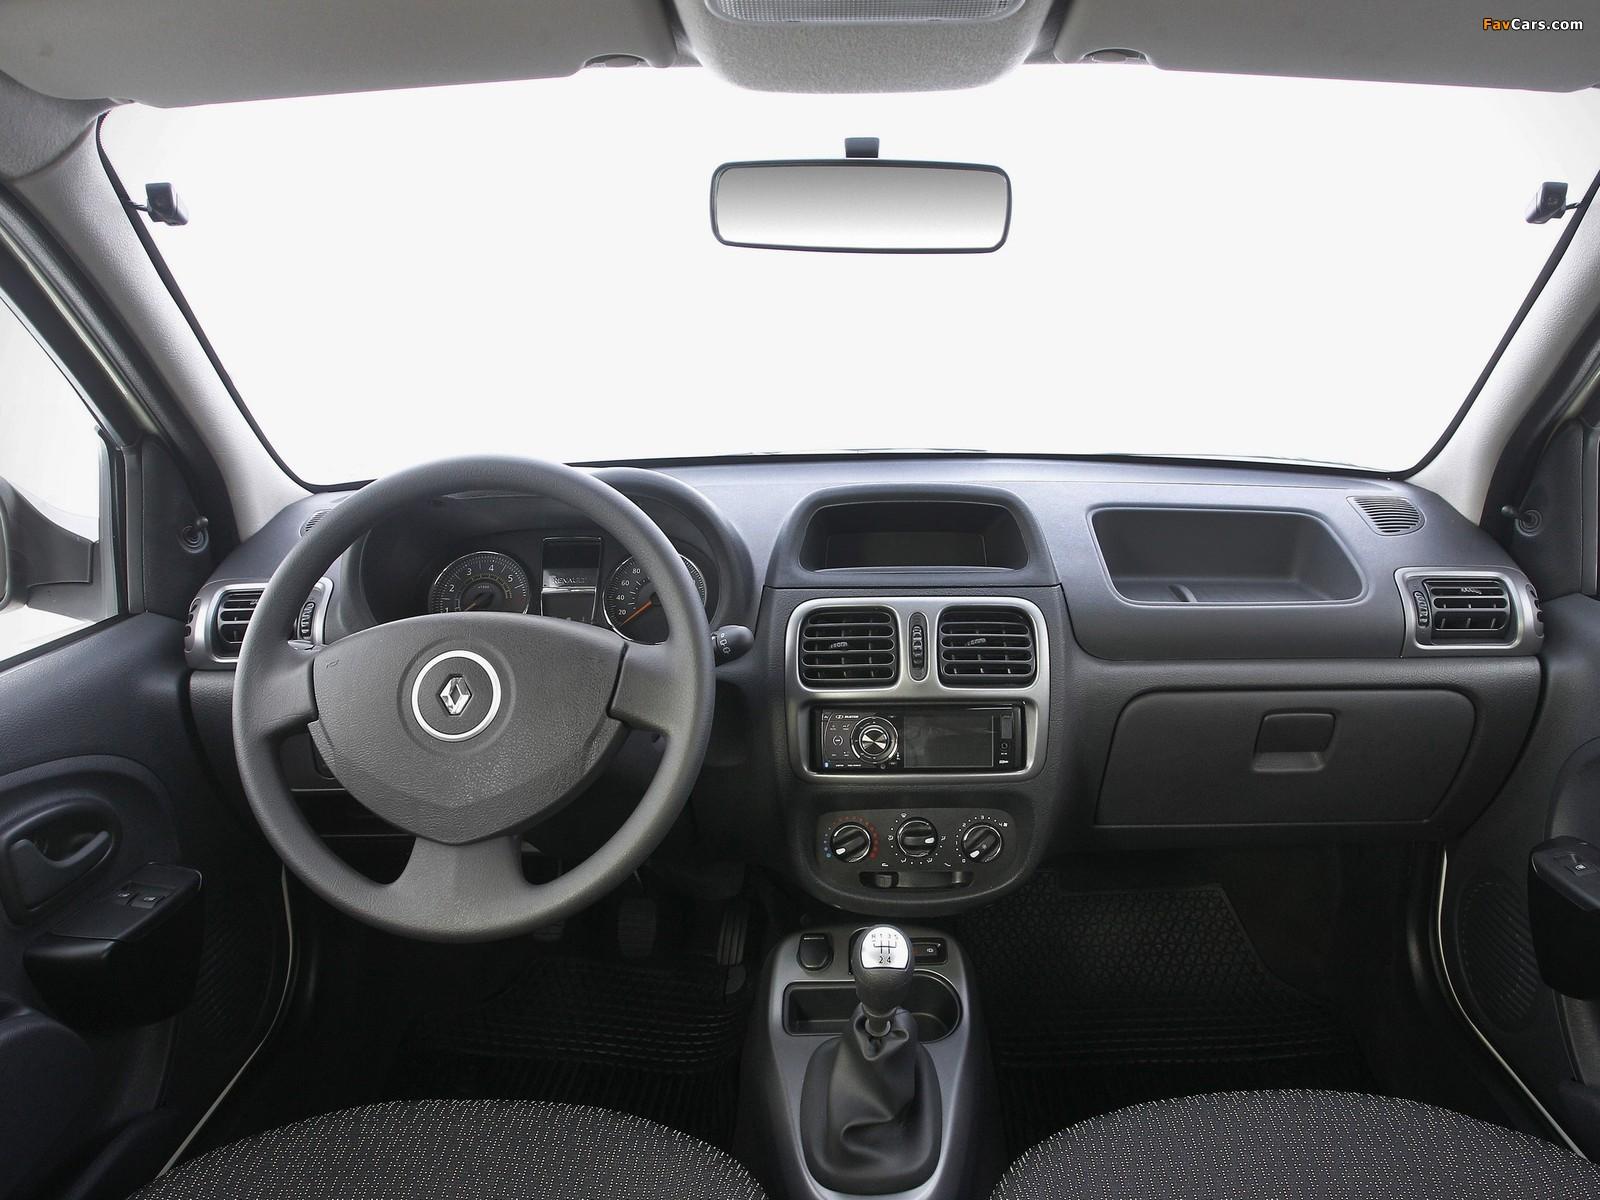 Renault Clio Mercosur 5-door 2012 wallpapers (1600 x 1200)